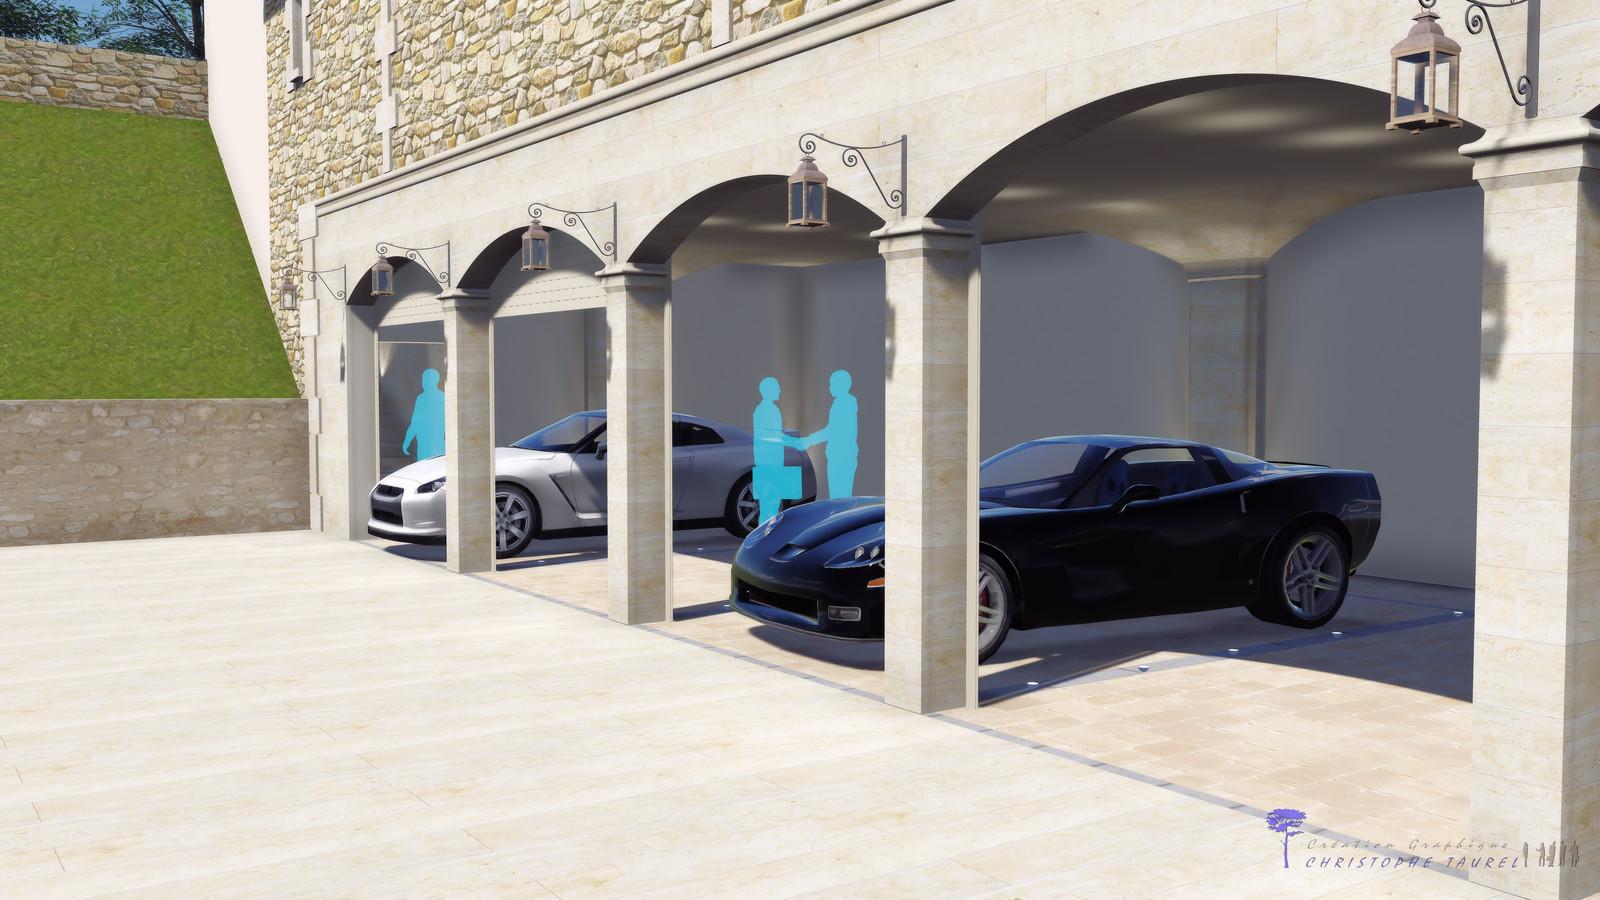 Plan de garage permis de construire plan permis de for Garage et permis de construire